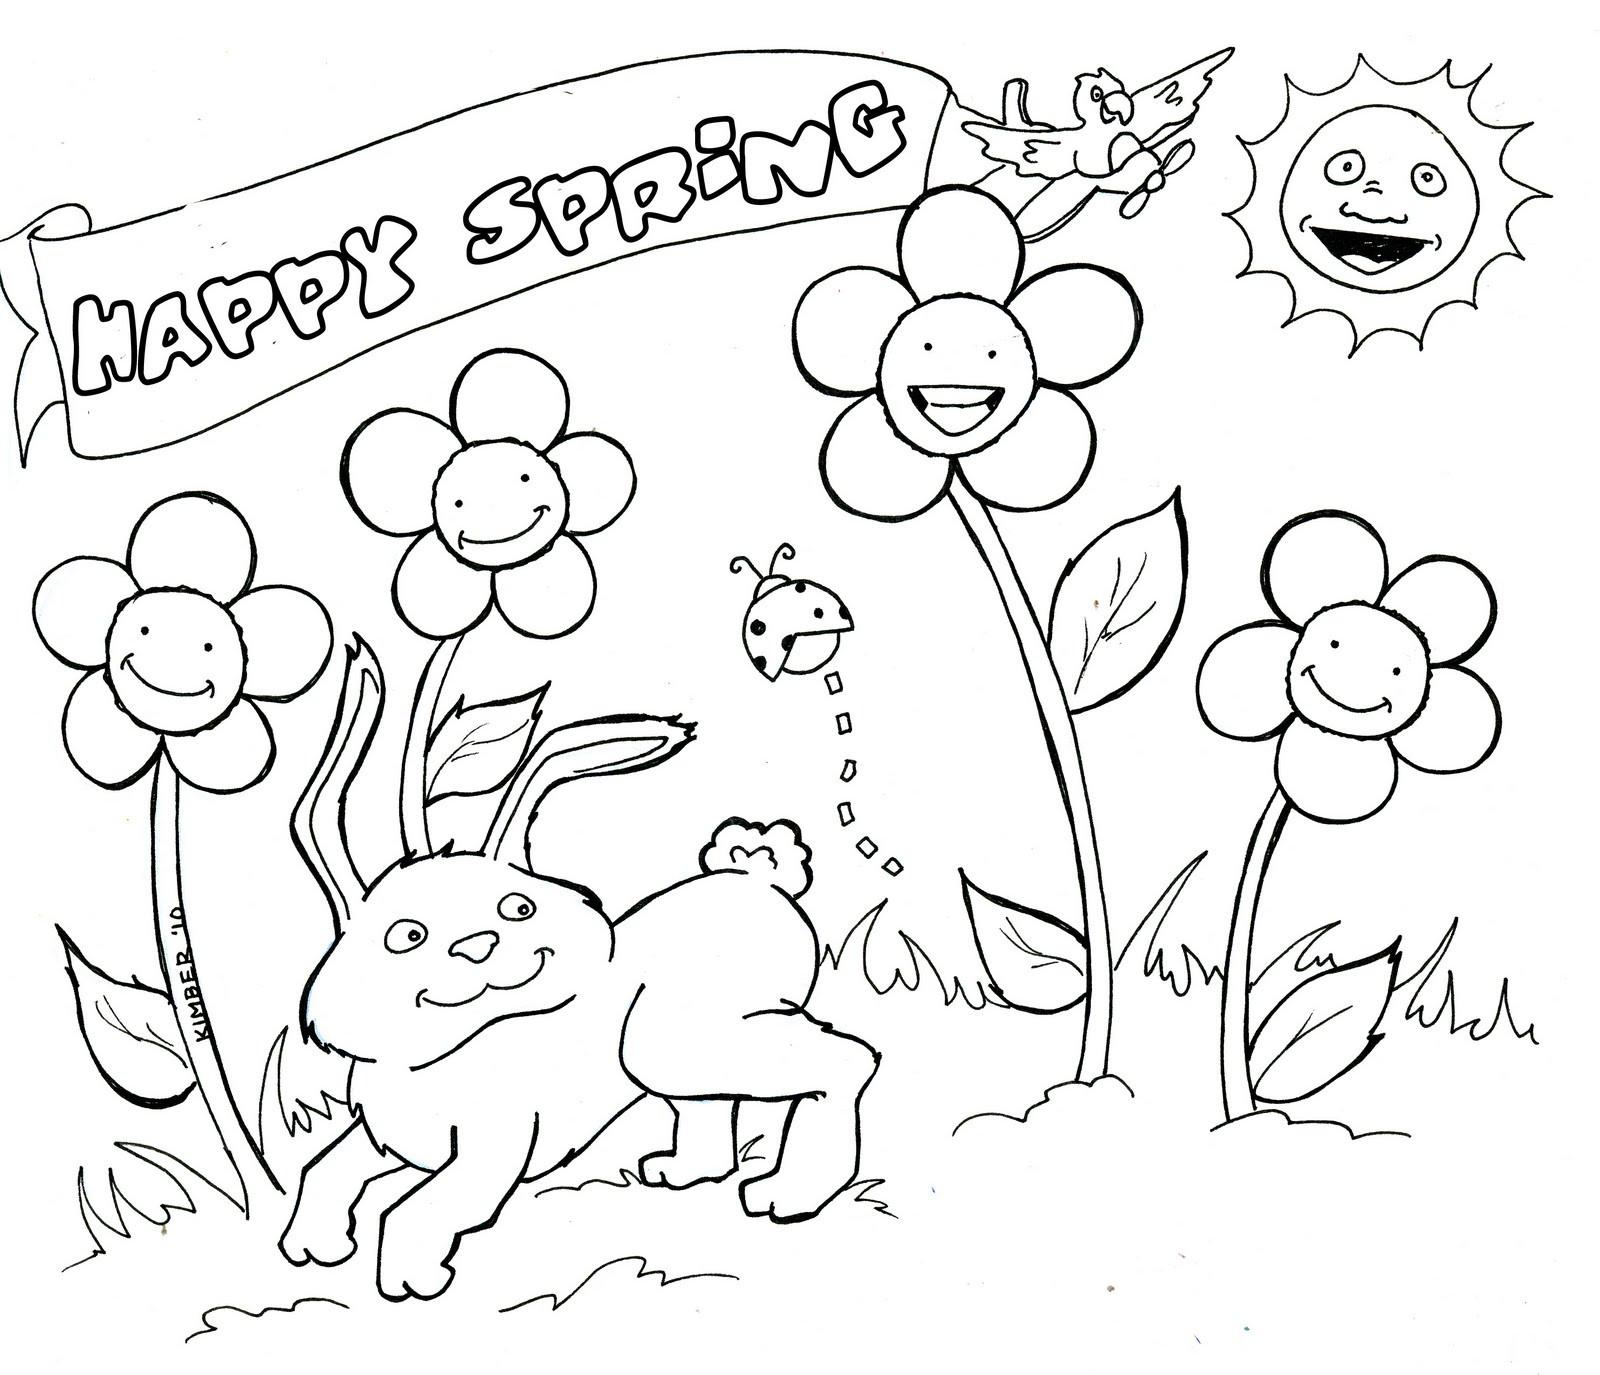 Tổng hợp các bức tranh tô màu phong cảnh mùa xuân đẹp nhất cho bé